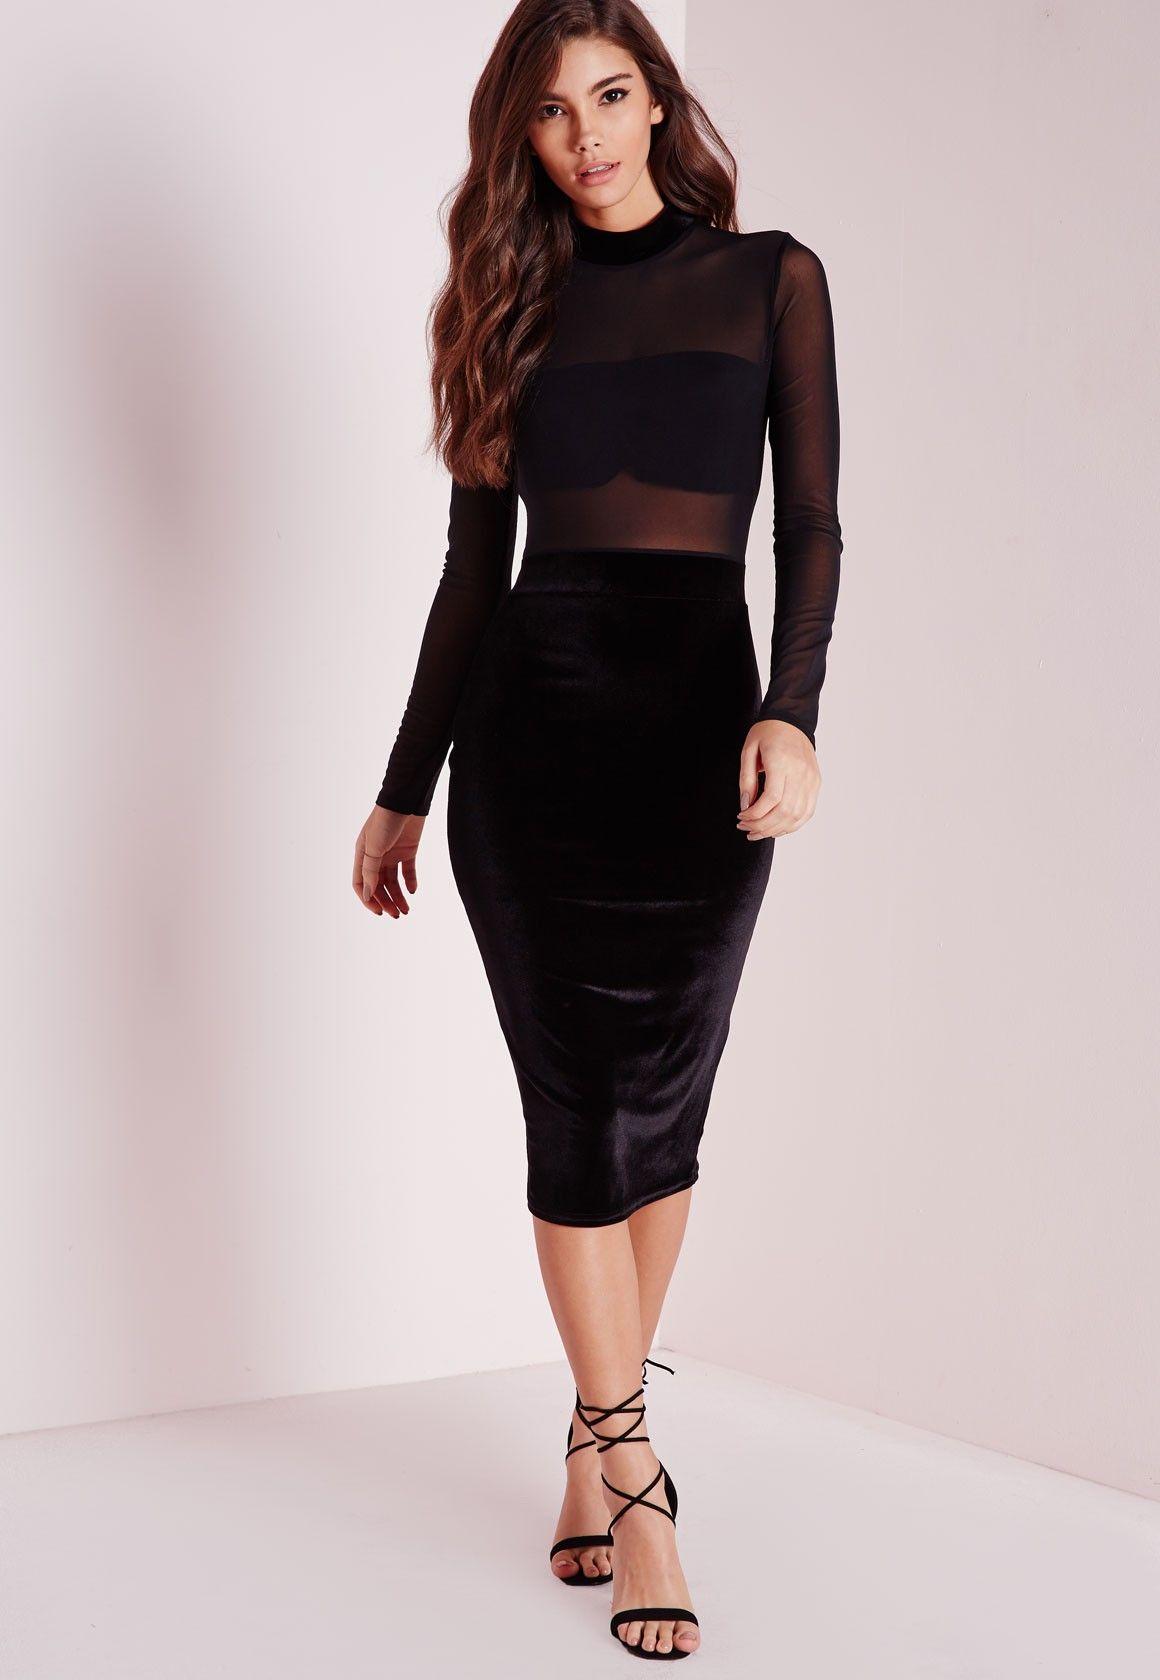 Missguided Long Sleeve Mesh Top Velvet Bottom Midi Dress Black Long Sleeve Mesh Top Black Midi Dress Velvet Midi Dress [ 1680 x 1160 Pixel ]